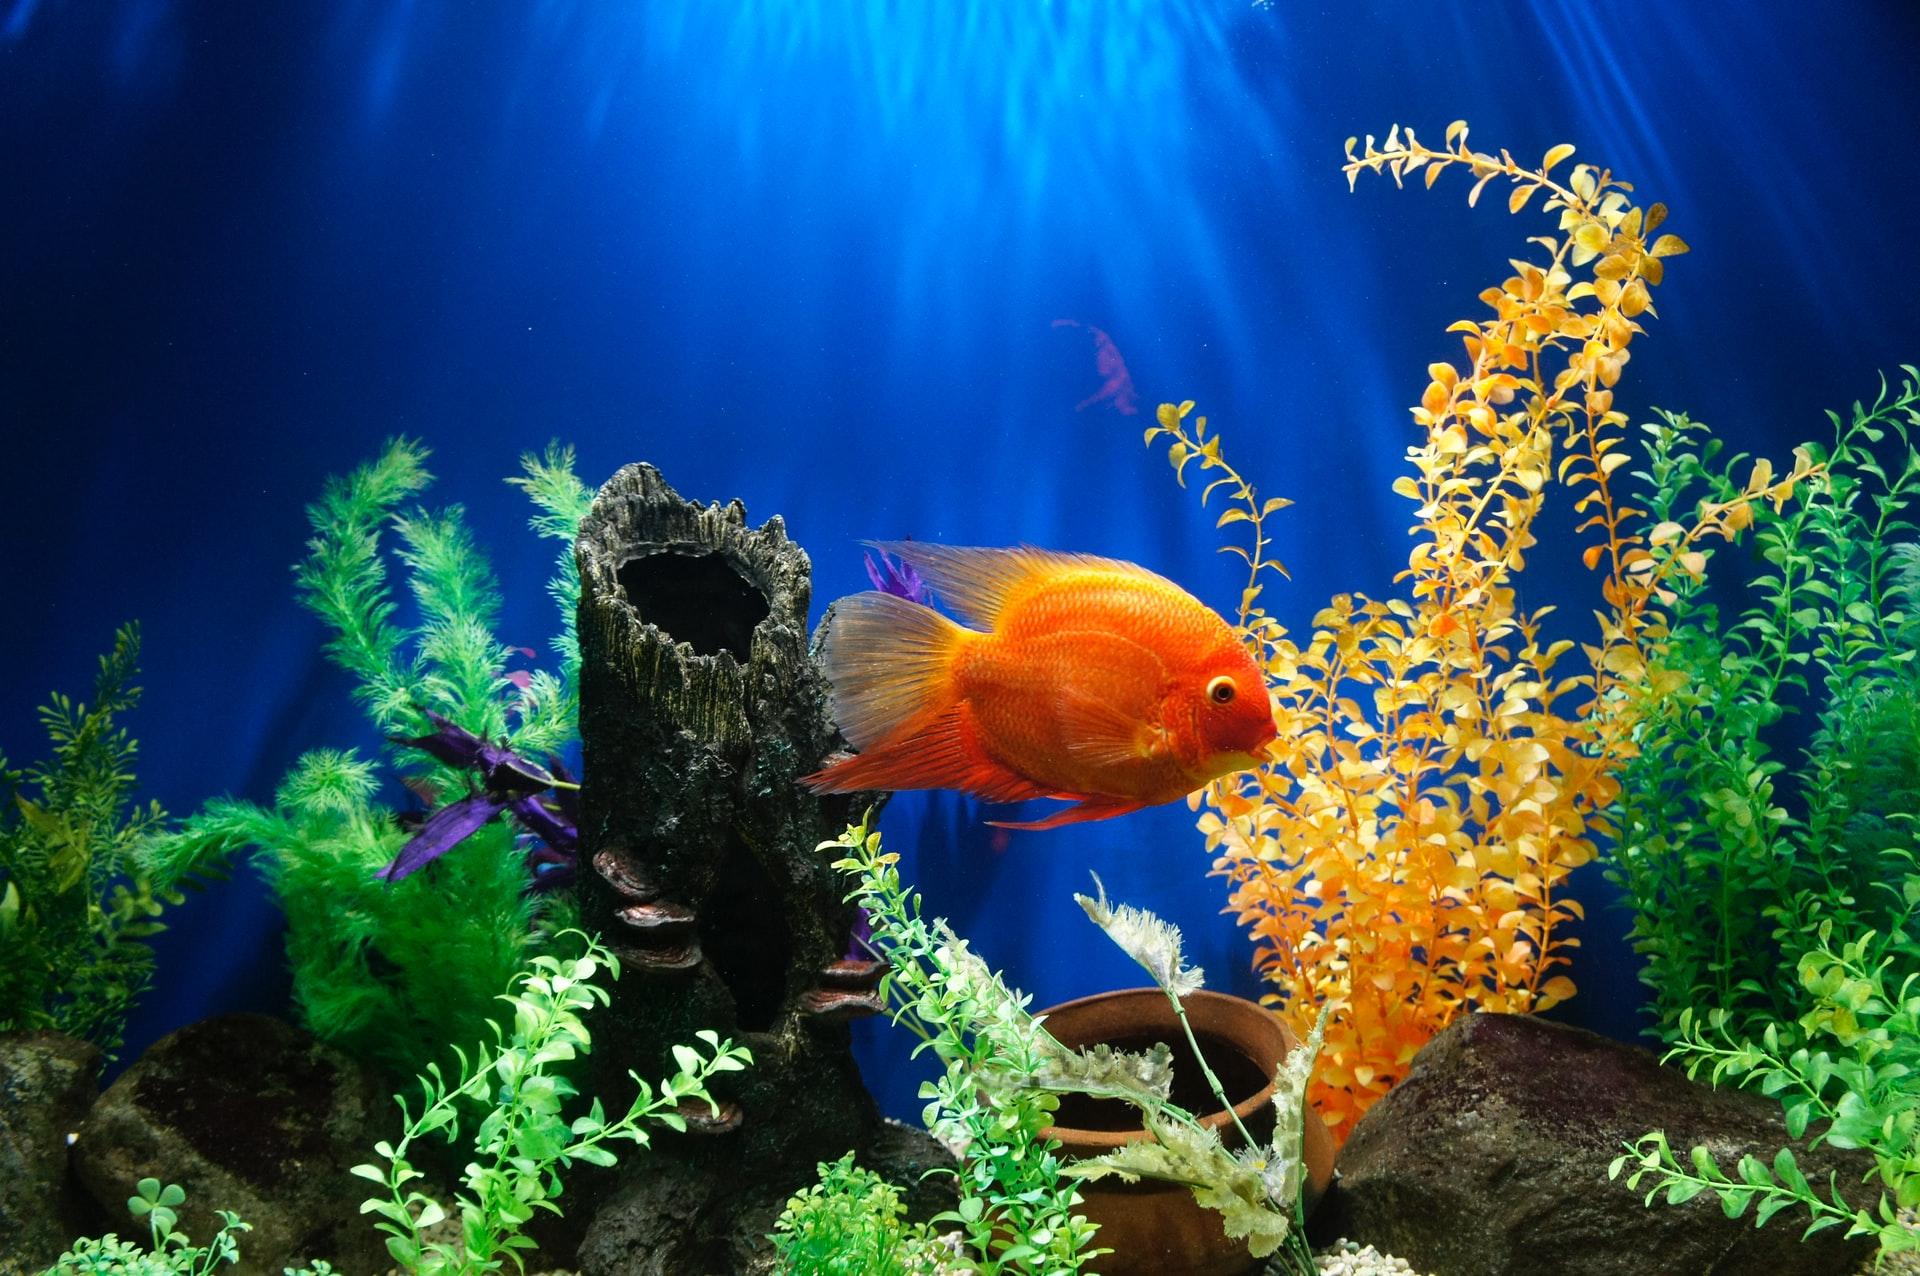 proper fish care